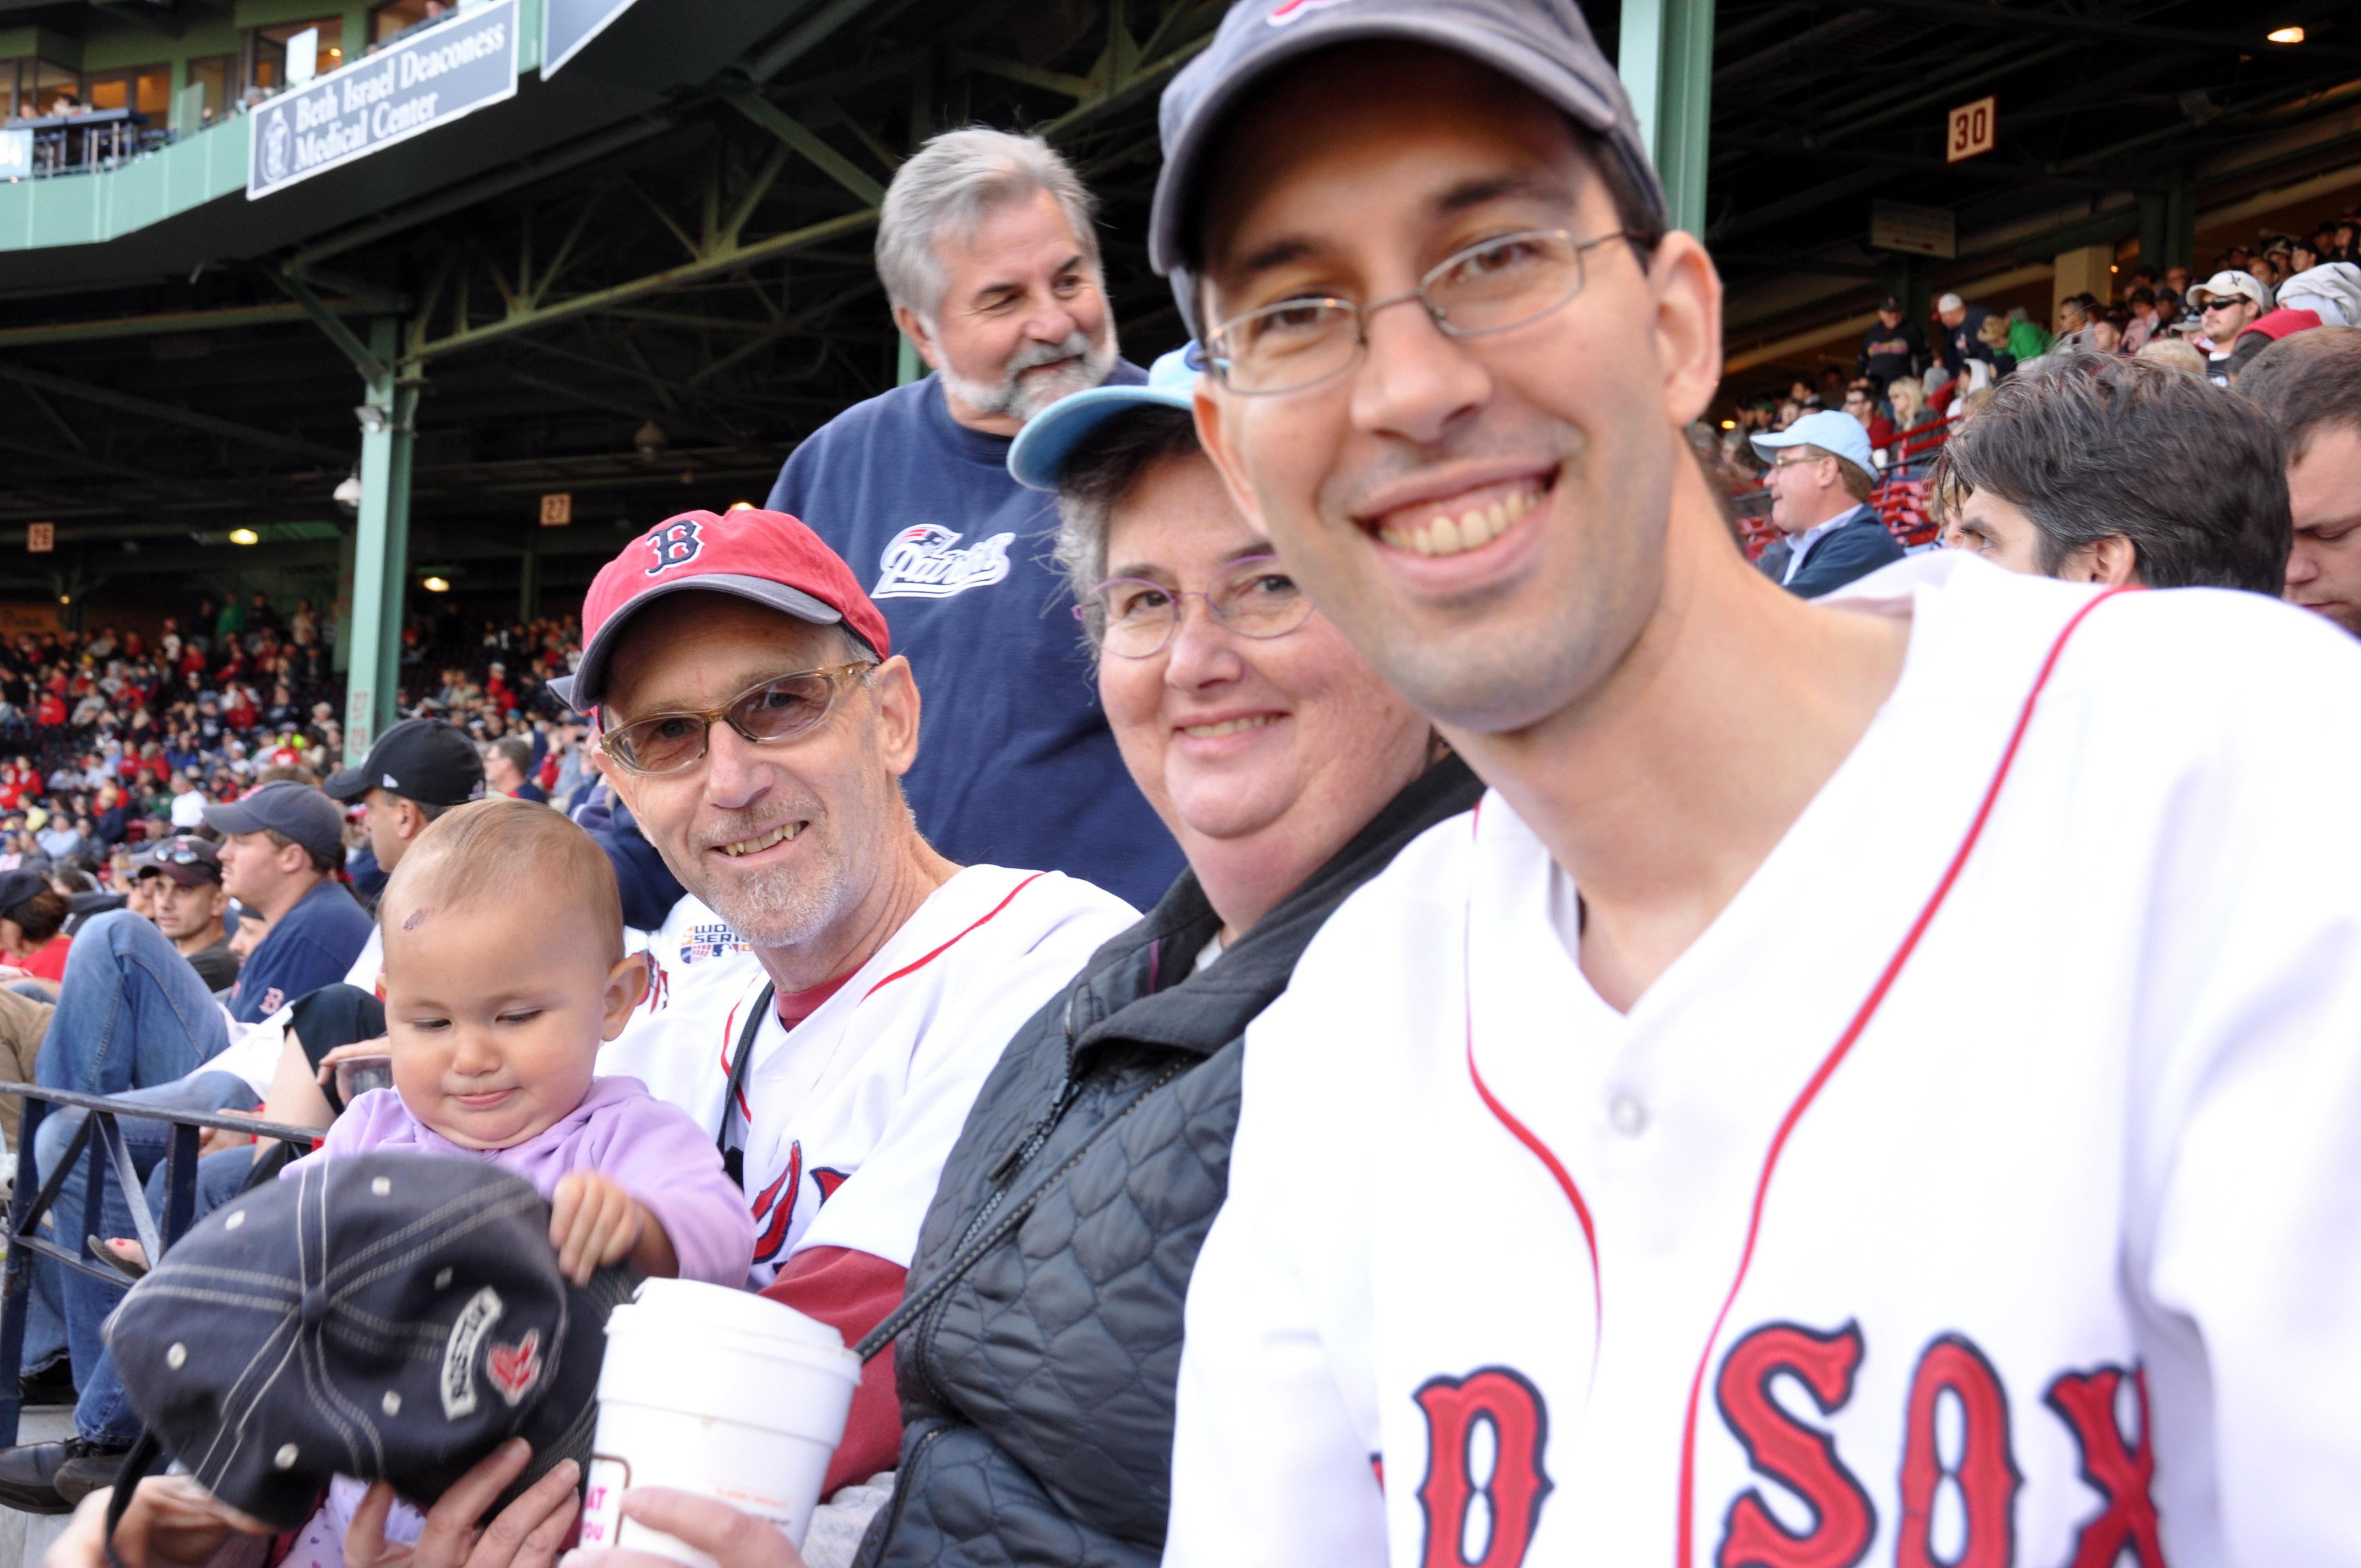 Celia, Mike, Karen and Jordi in the good seats